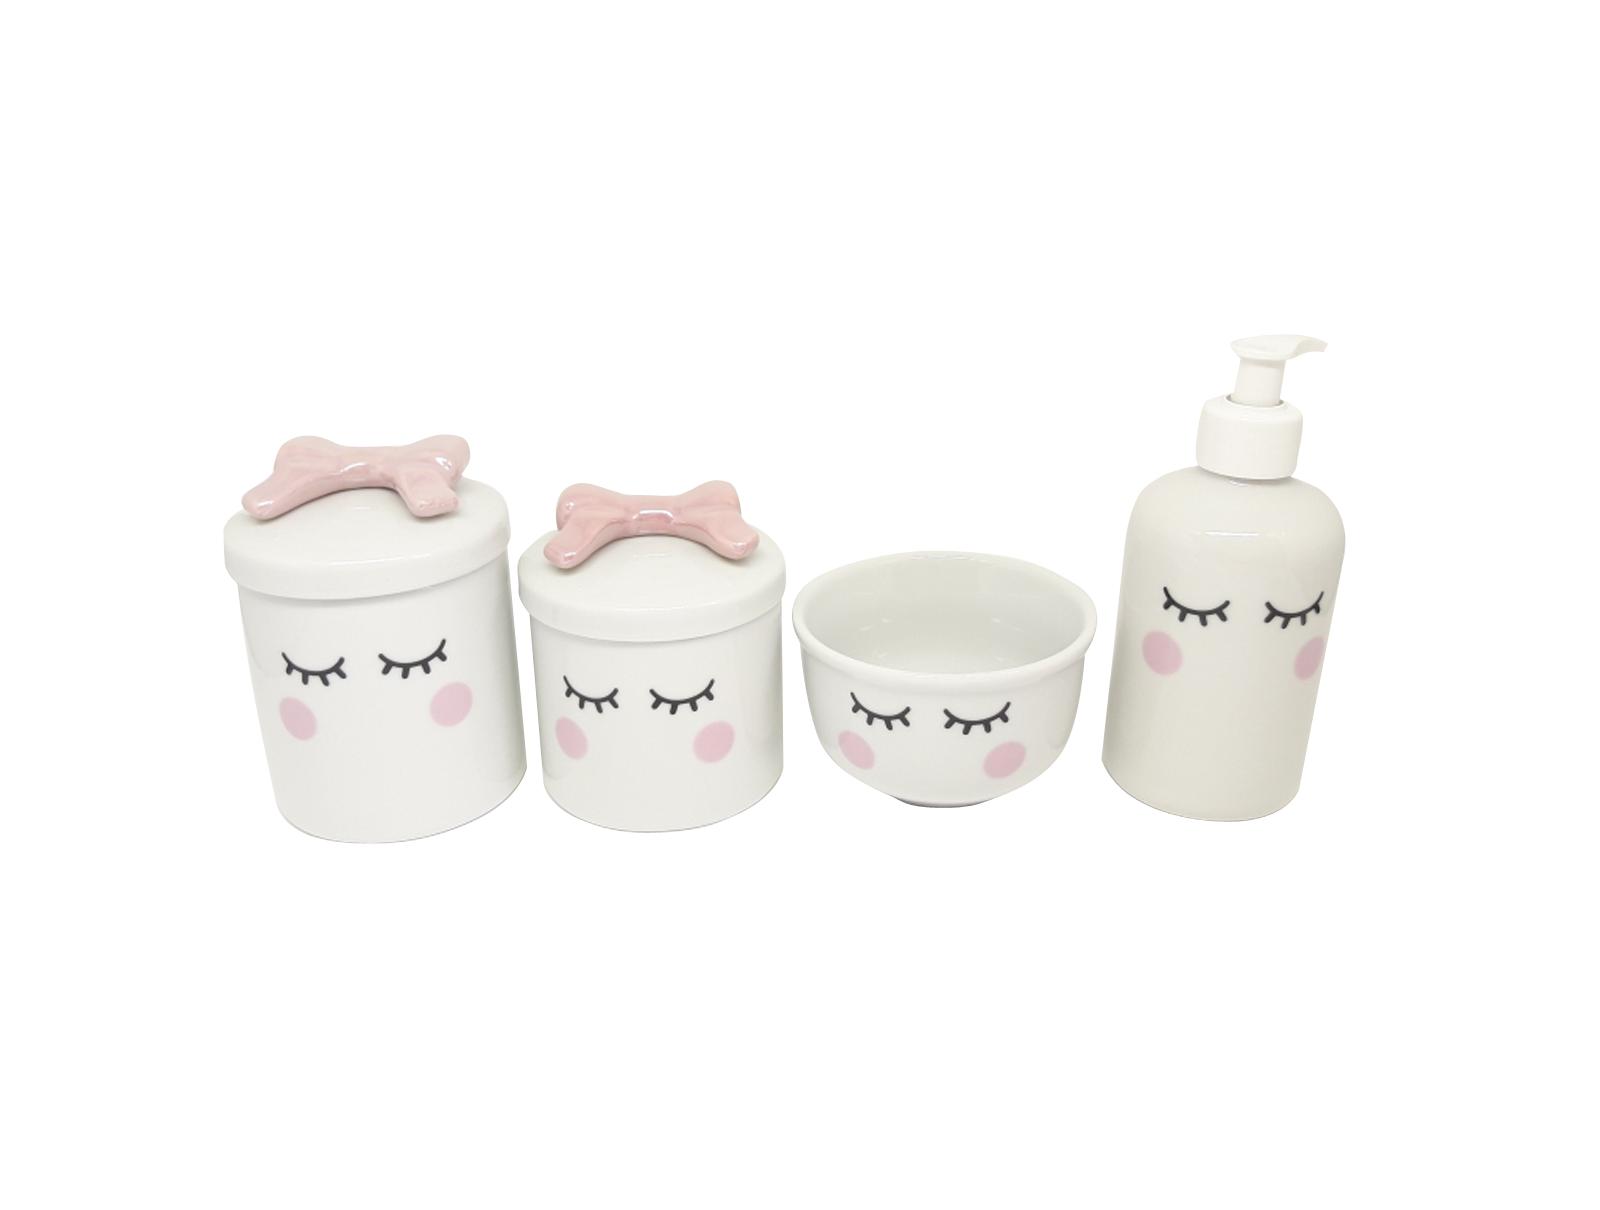 Kit Higiene Bebê Porcelana | Olhinhos Cílios com Laço Rosa|4 peças